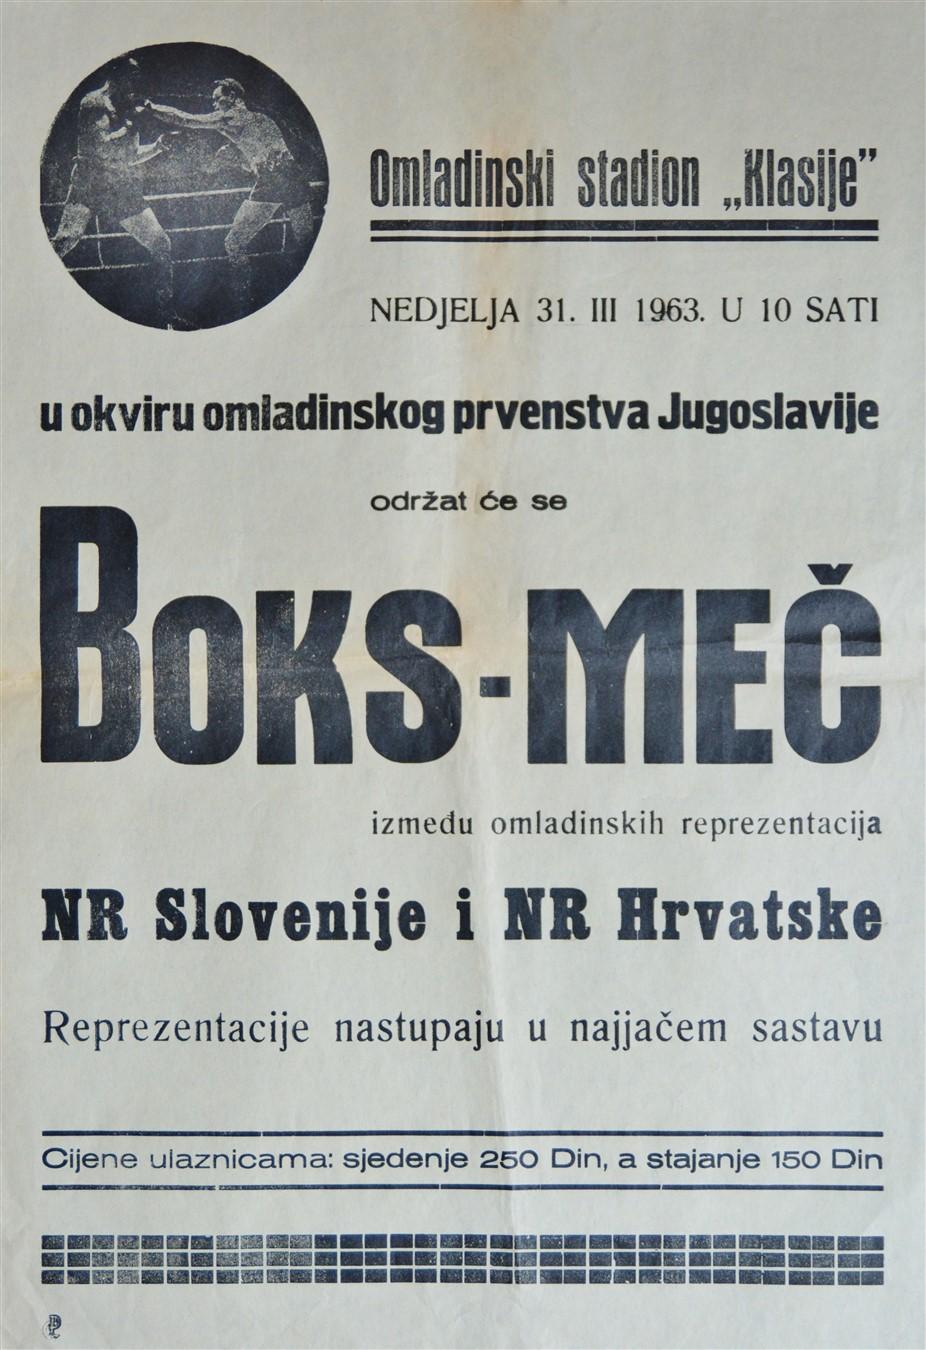 arhivska stavka